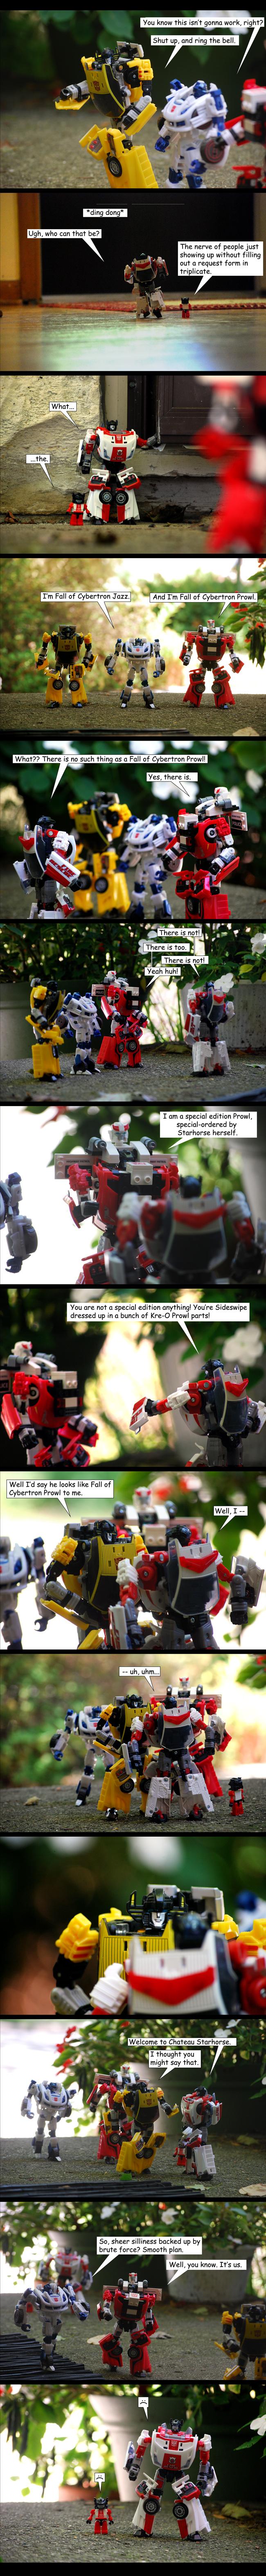 http://fc05.deviantart.net/fs71/f/2012/219/3/c/do_not_pass_go_4_by_the_starhorse-d5a7htc.jpg